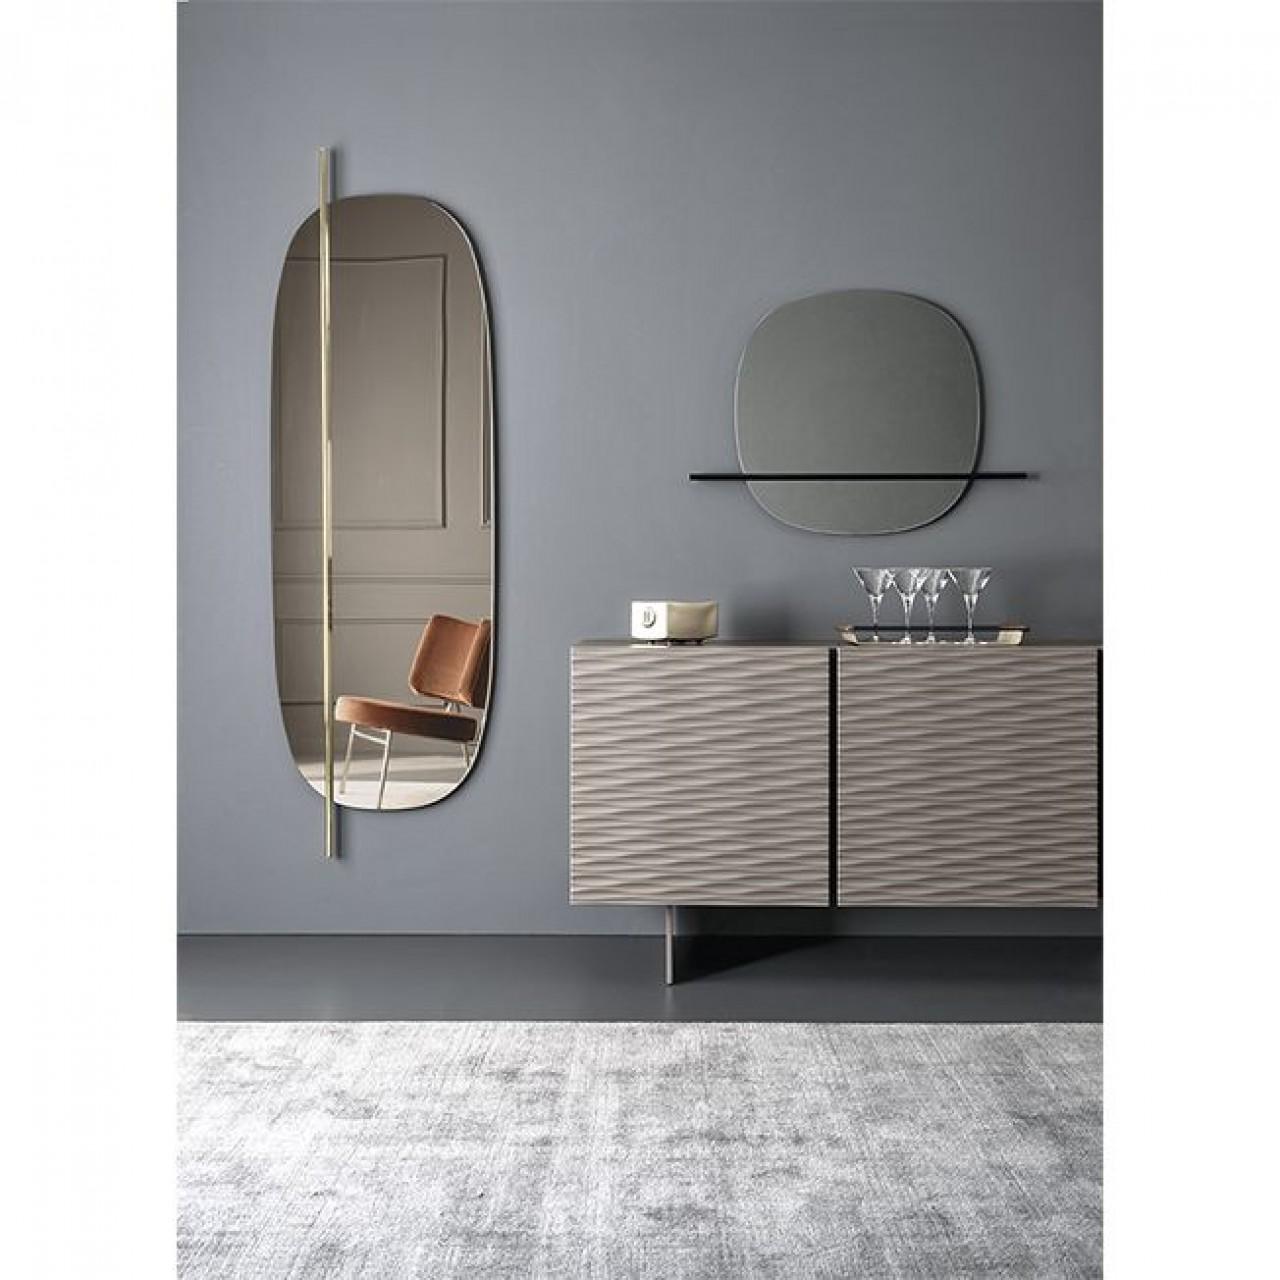 Vanity specchio complementi d 39 arredo torino for Spazio arredo torino